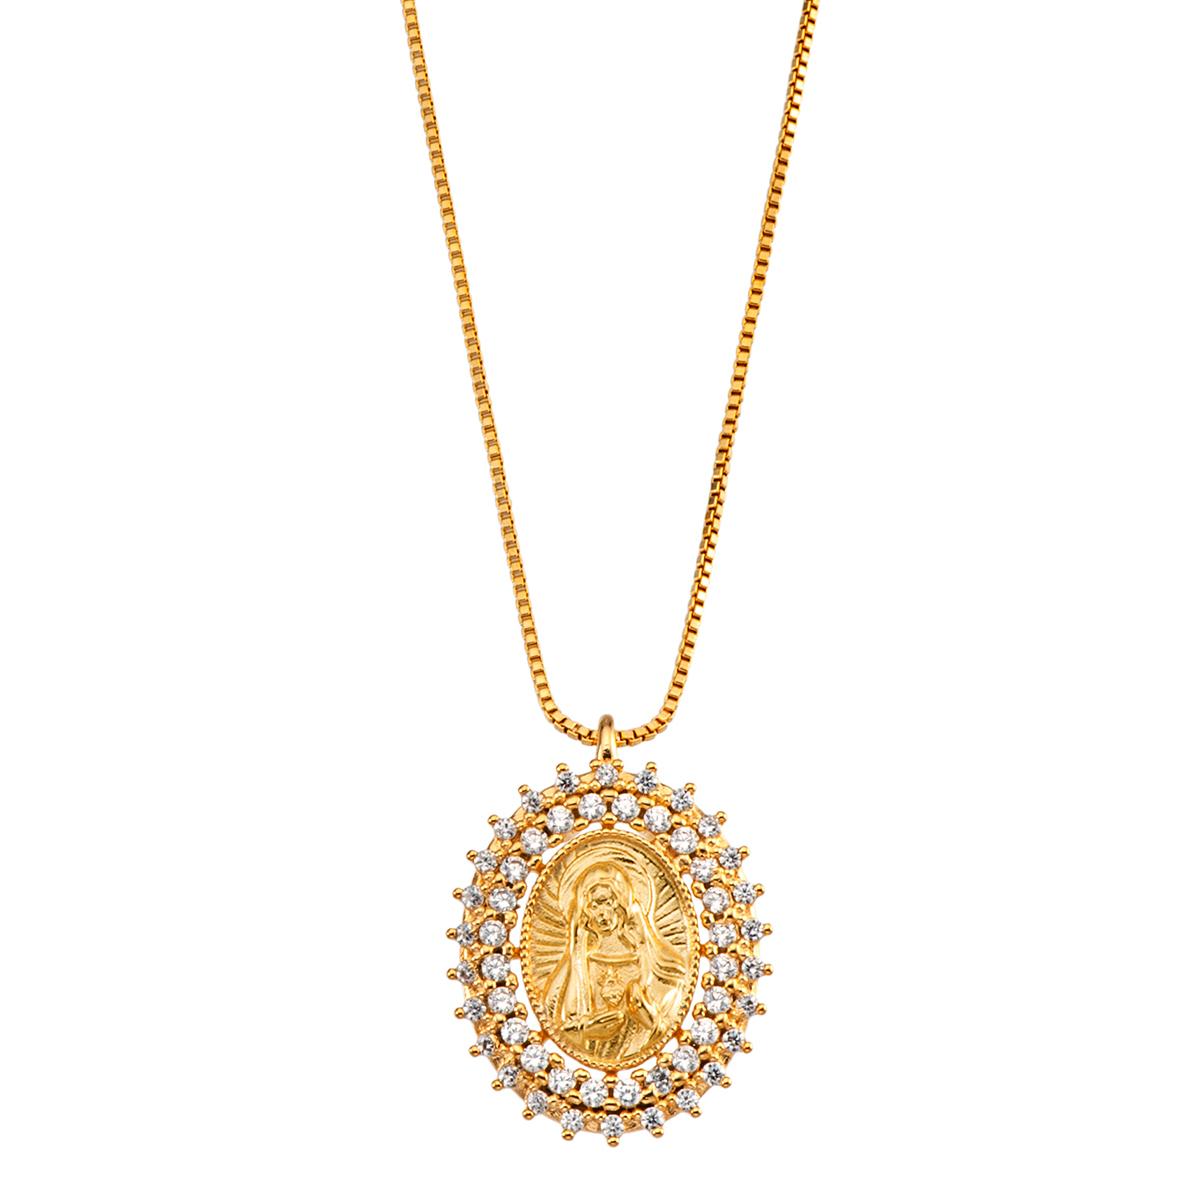 Corrente Colar folheado banho de ouro 18k - Pingente Sagrado Coração de Maria Cravejado